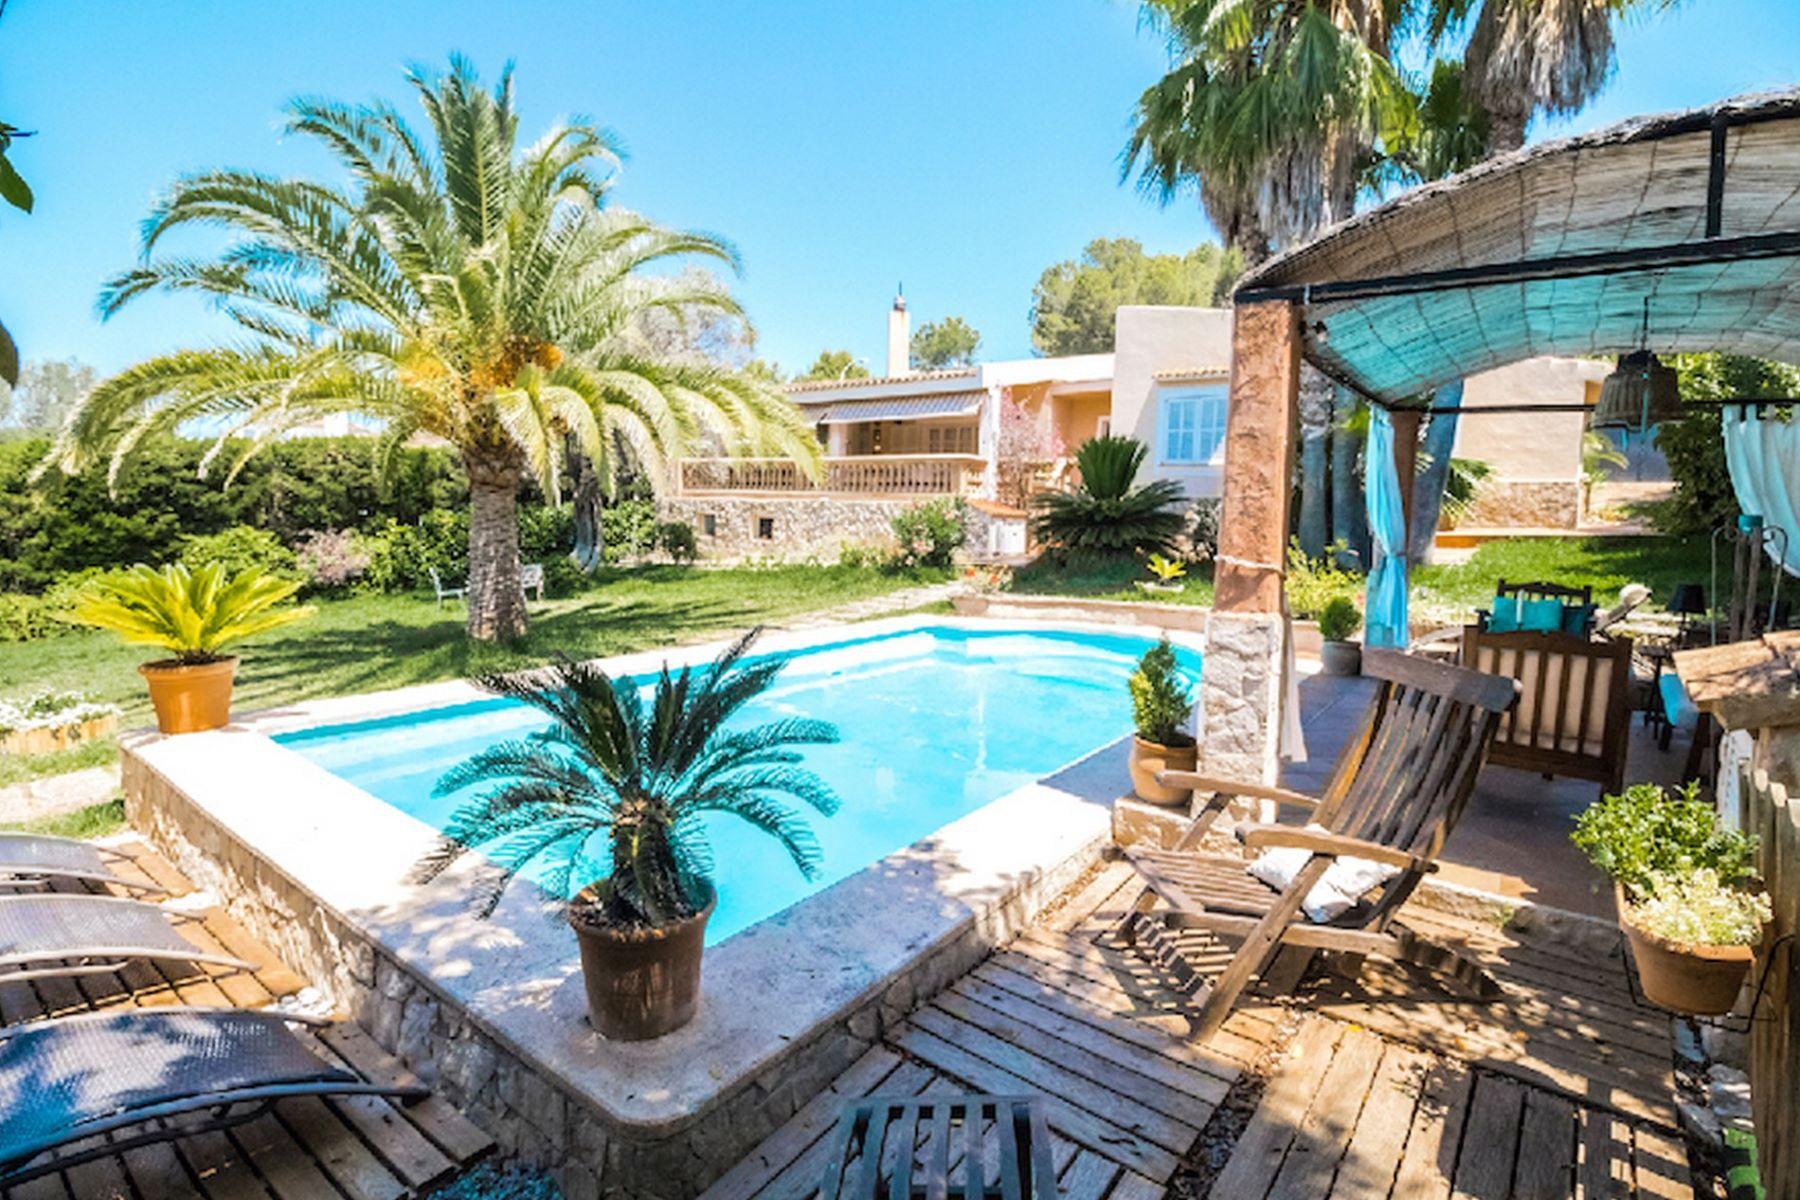 단독 가정 주택 용 매매 에 Villa con piscina y jardín en Santa Ponsa Nova Santa Ponsa, 말로카, 스페인